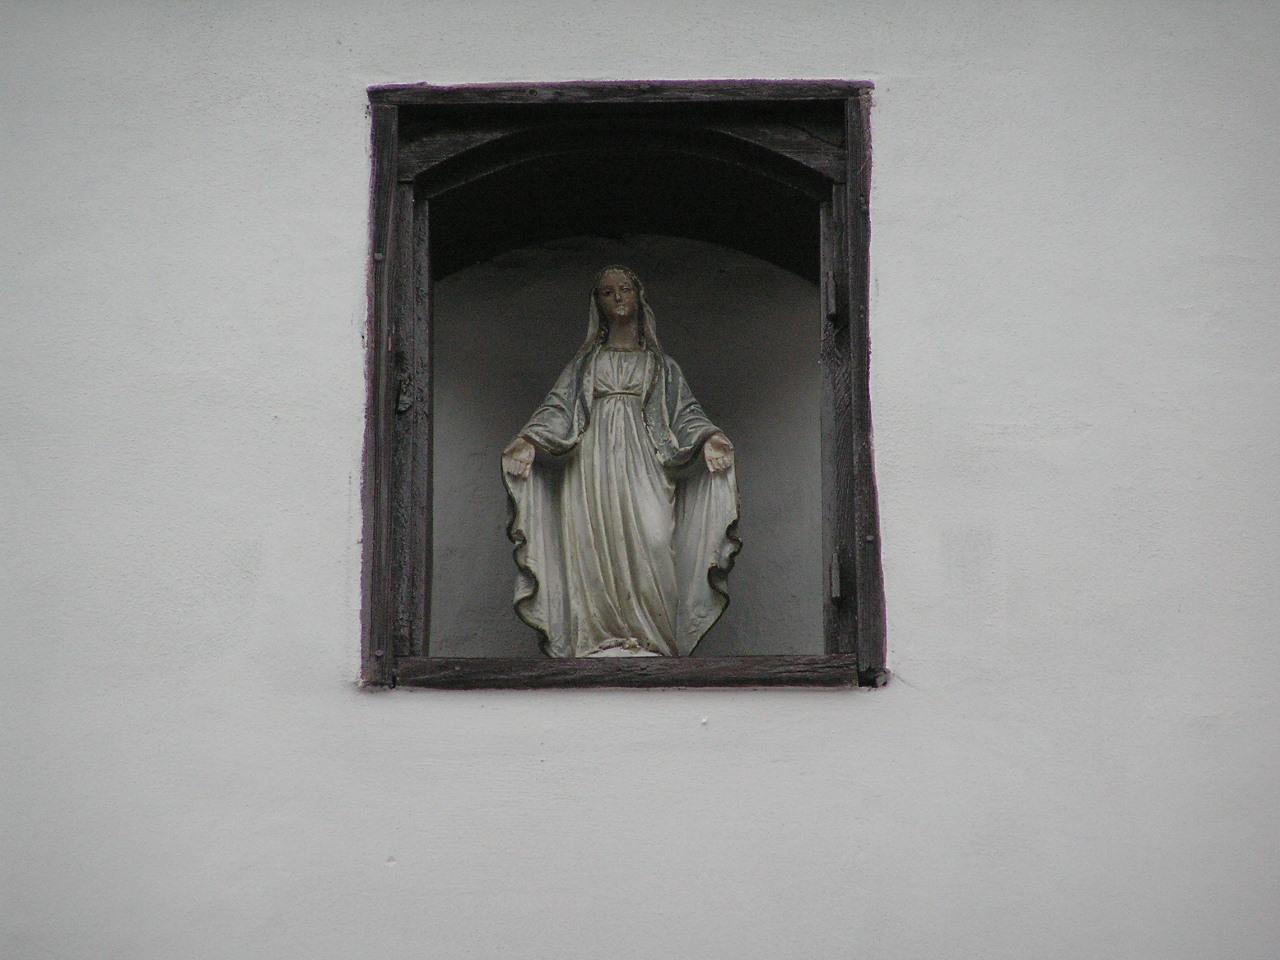 Figura Matki Bożej przy ulicy Czapelskiej 22 na Grochowie